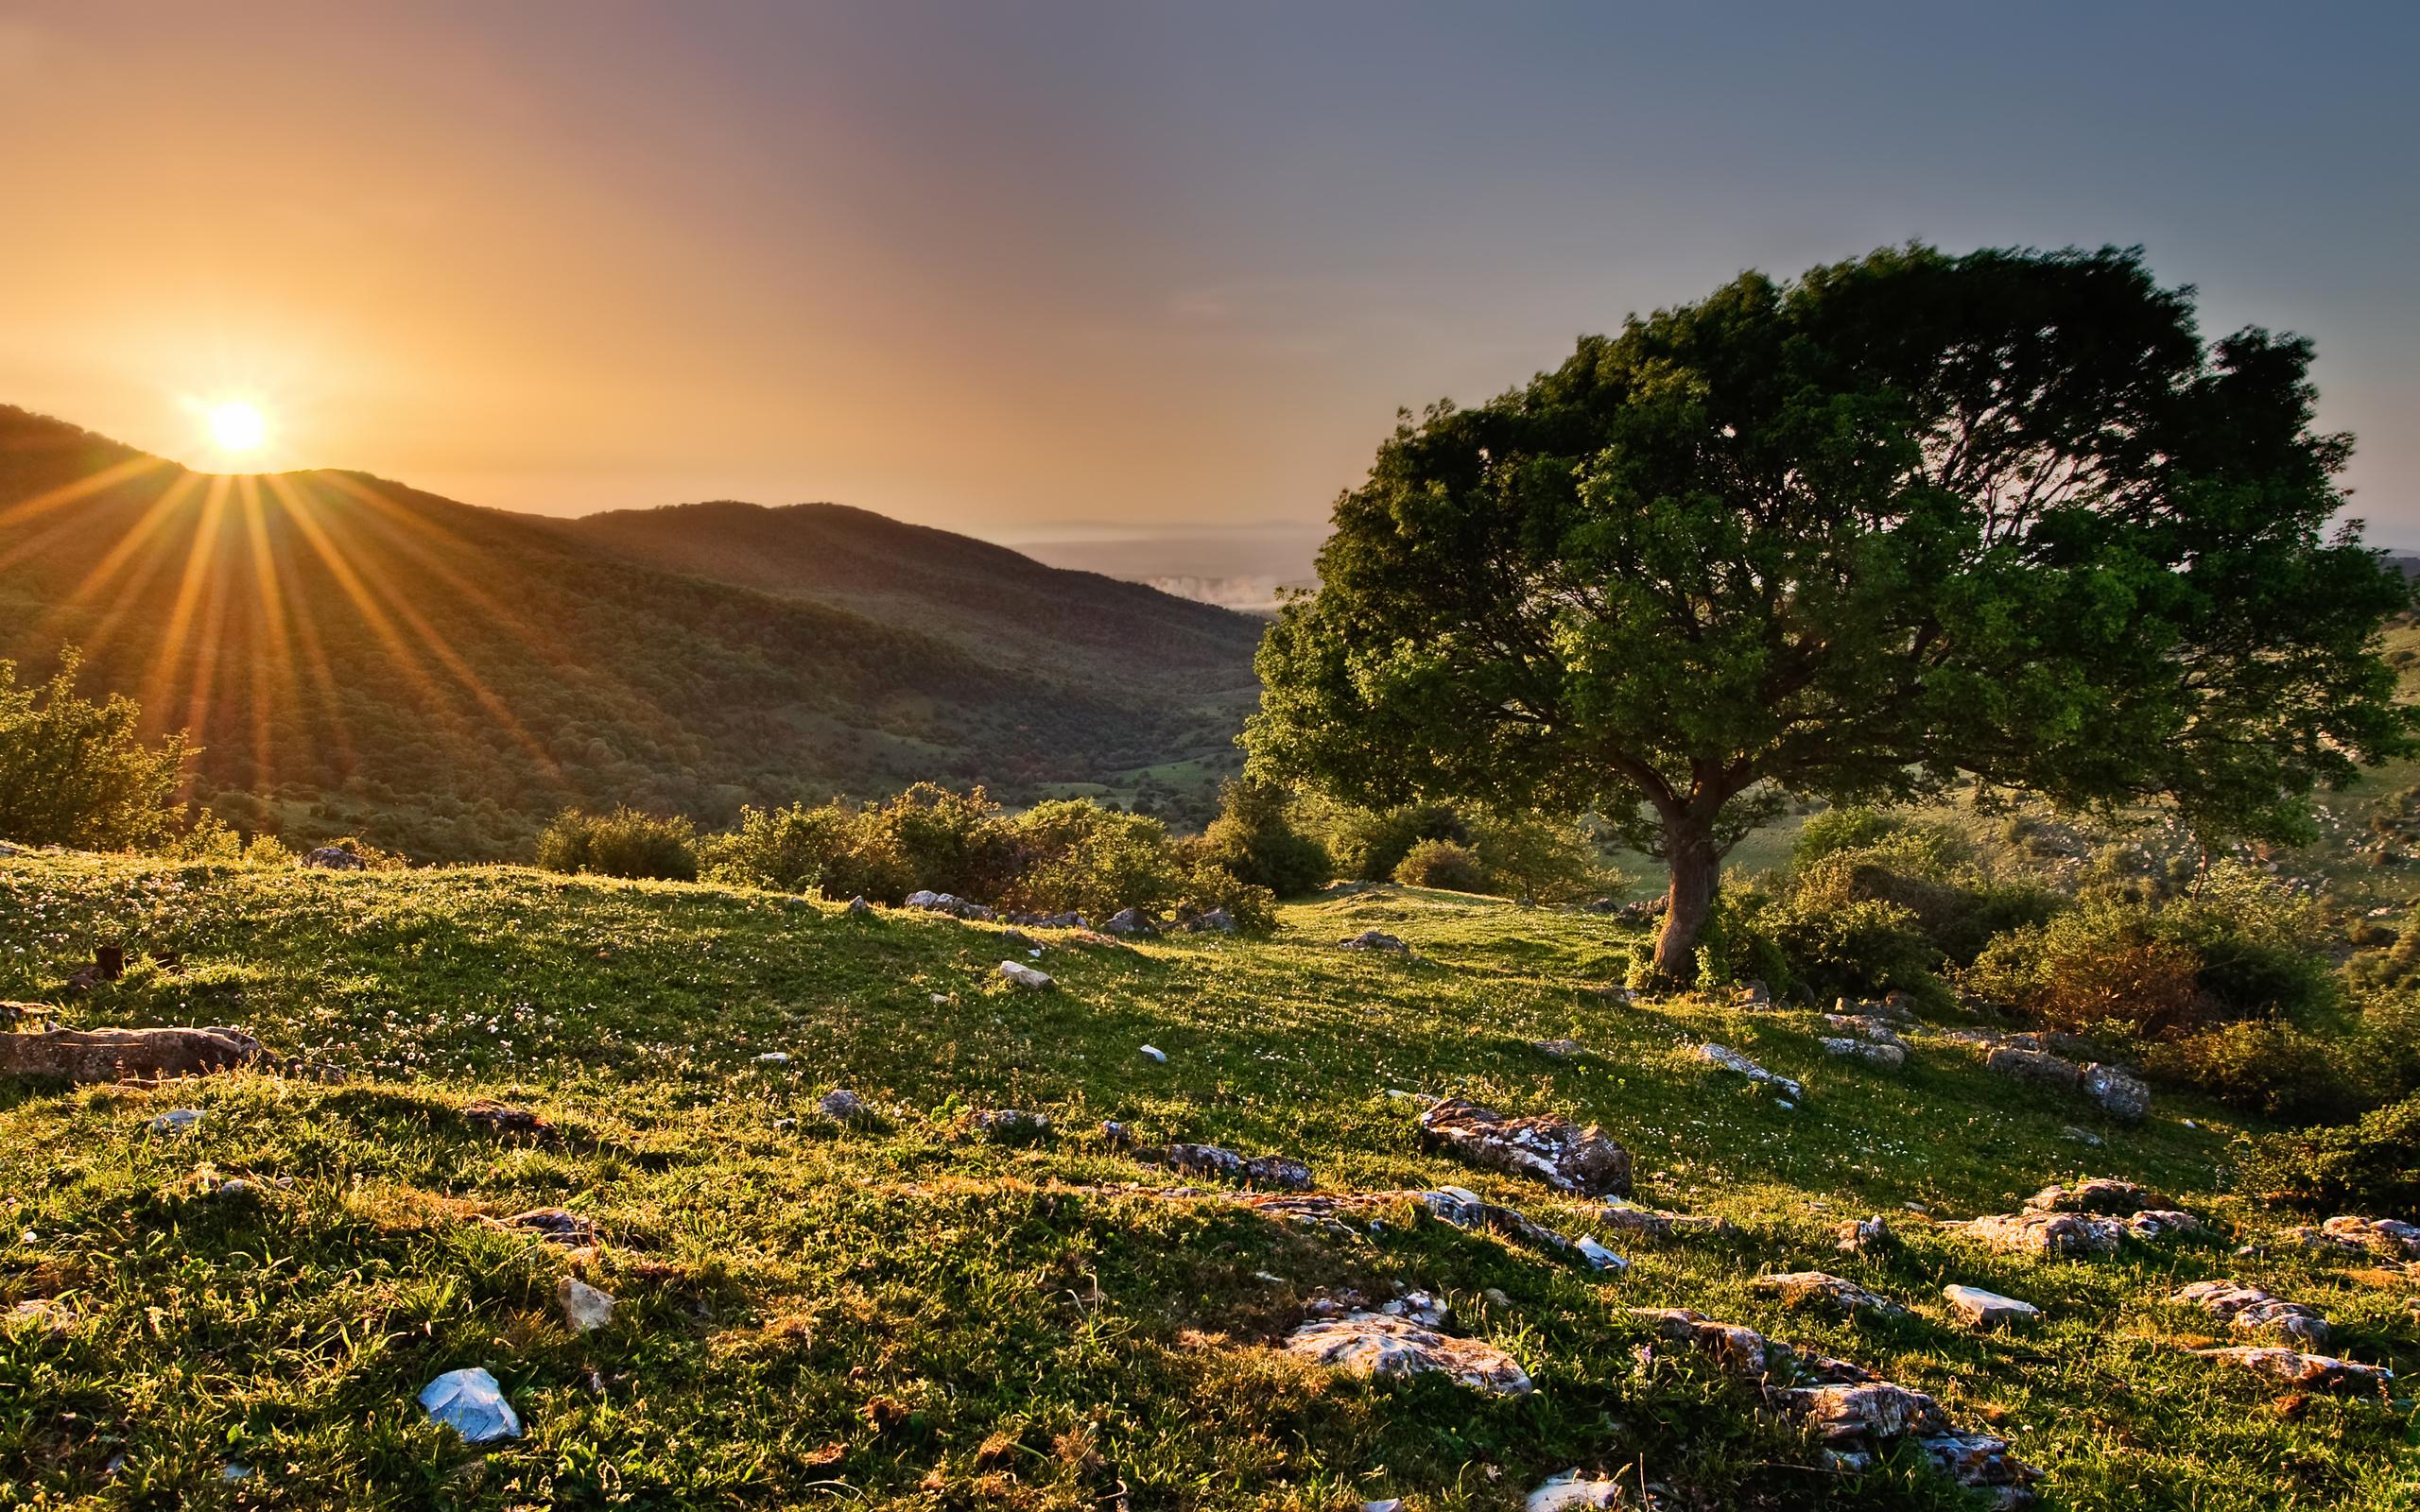 горы растительность лучи солнца бесплатно